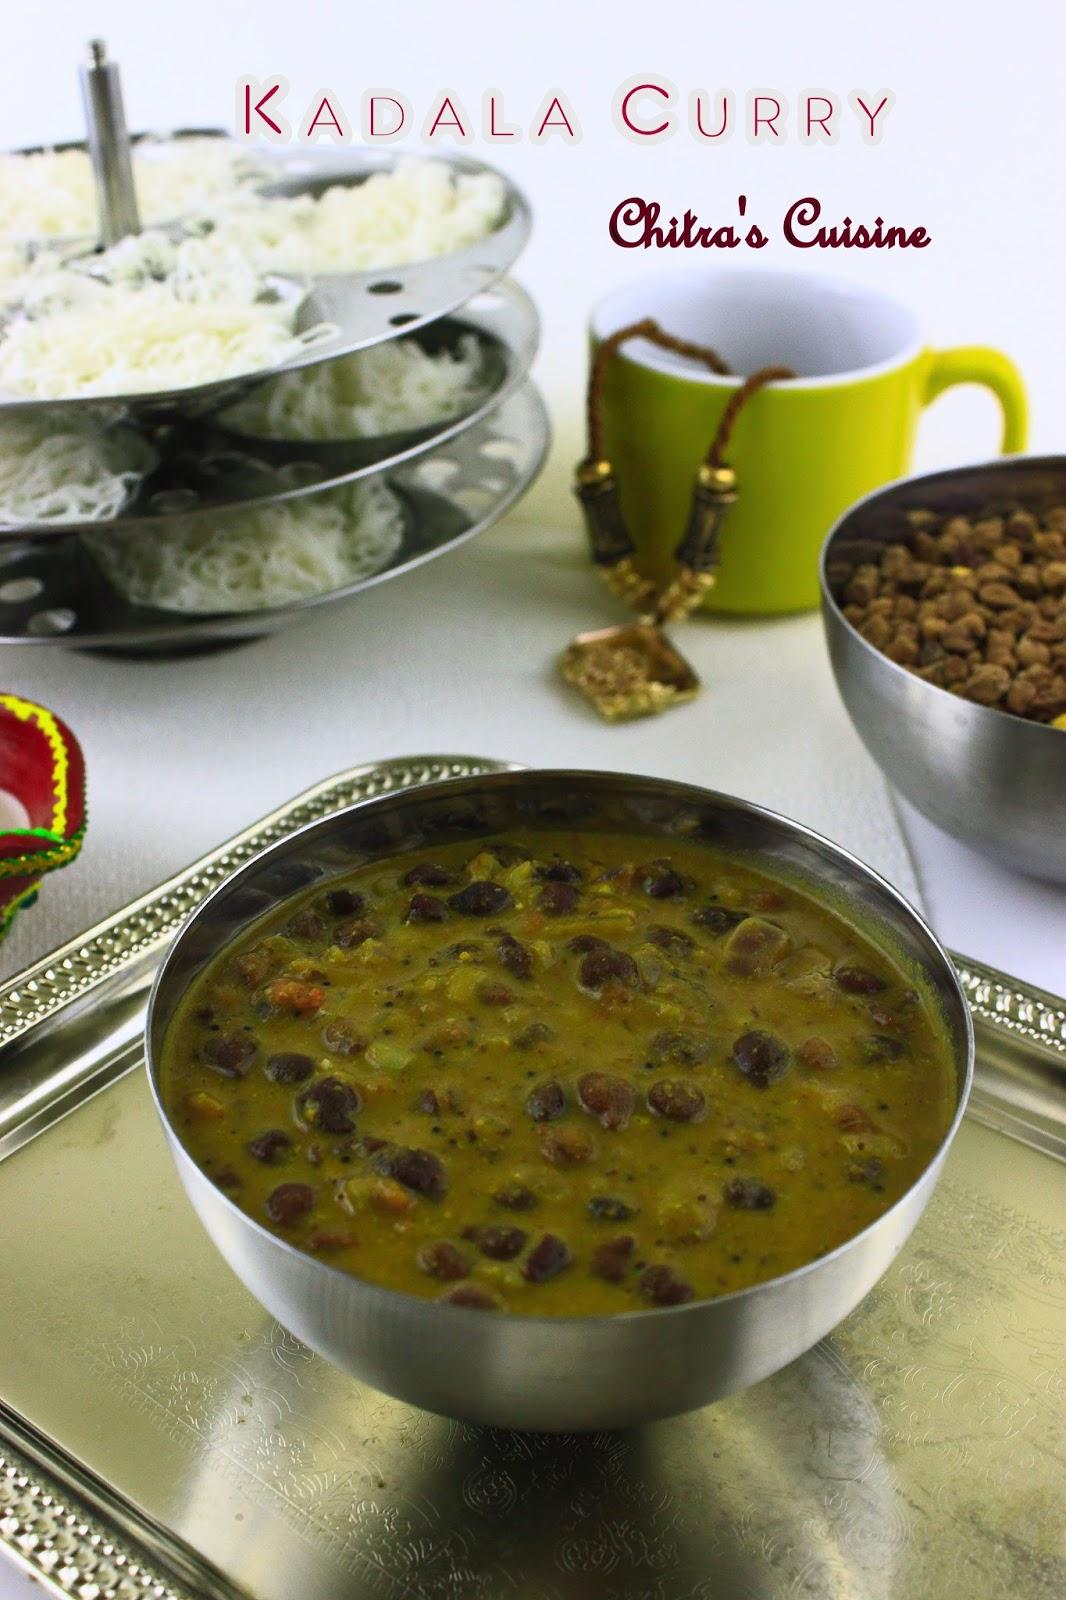 kadala curry/black channa gravy/kala channa gravy